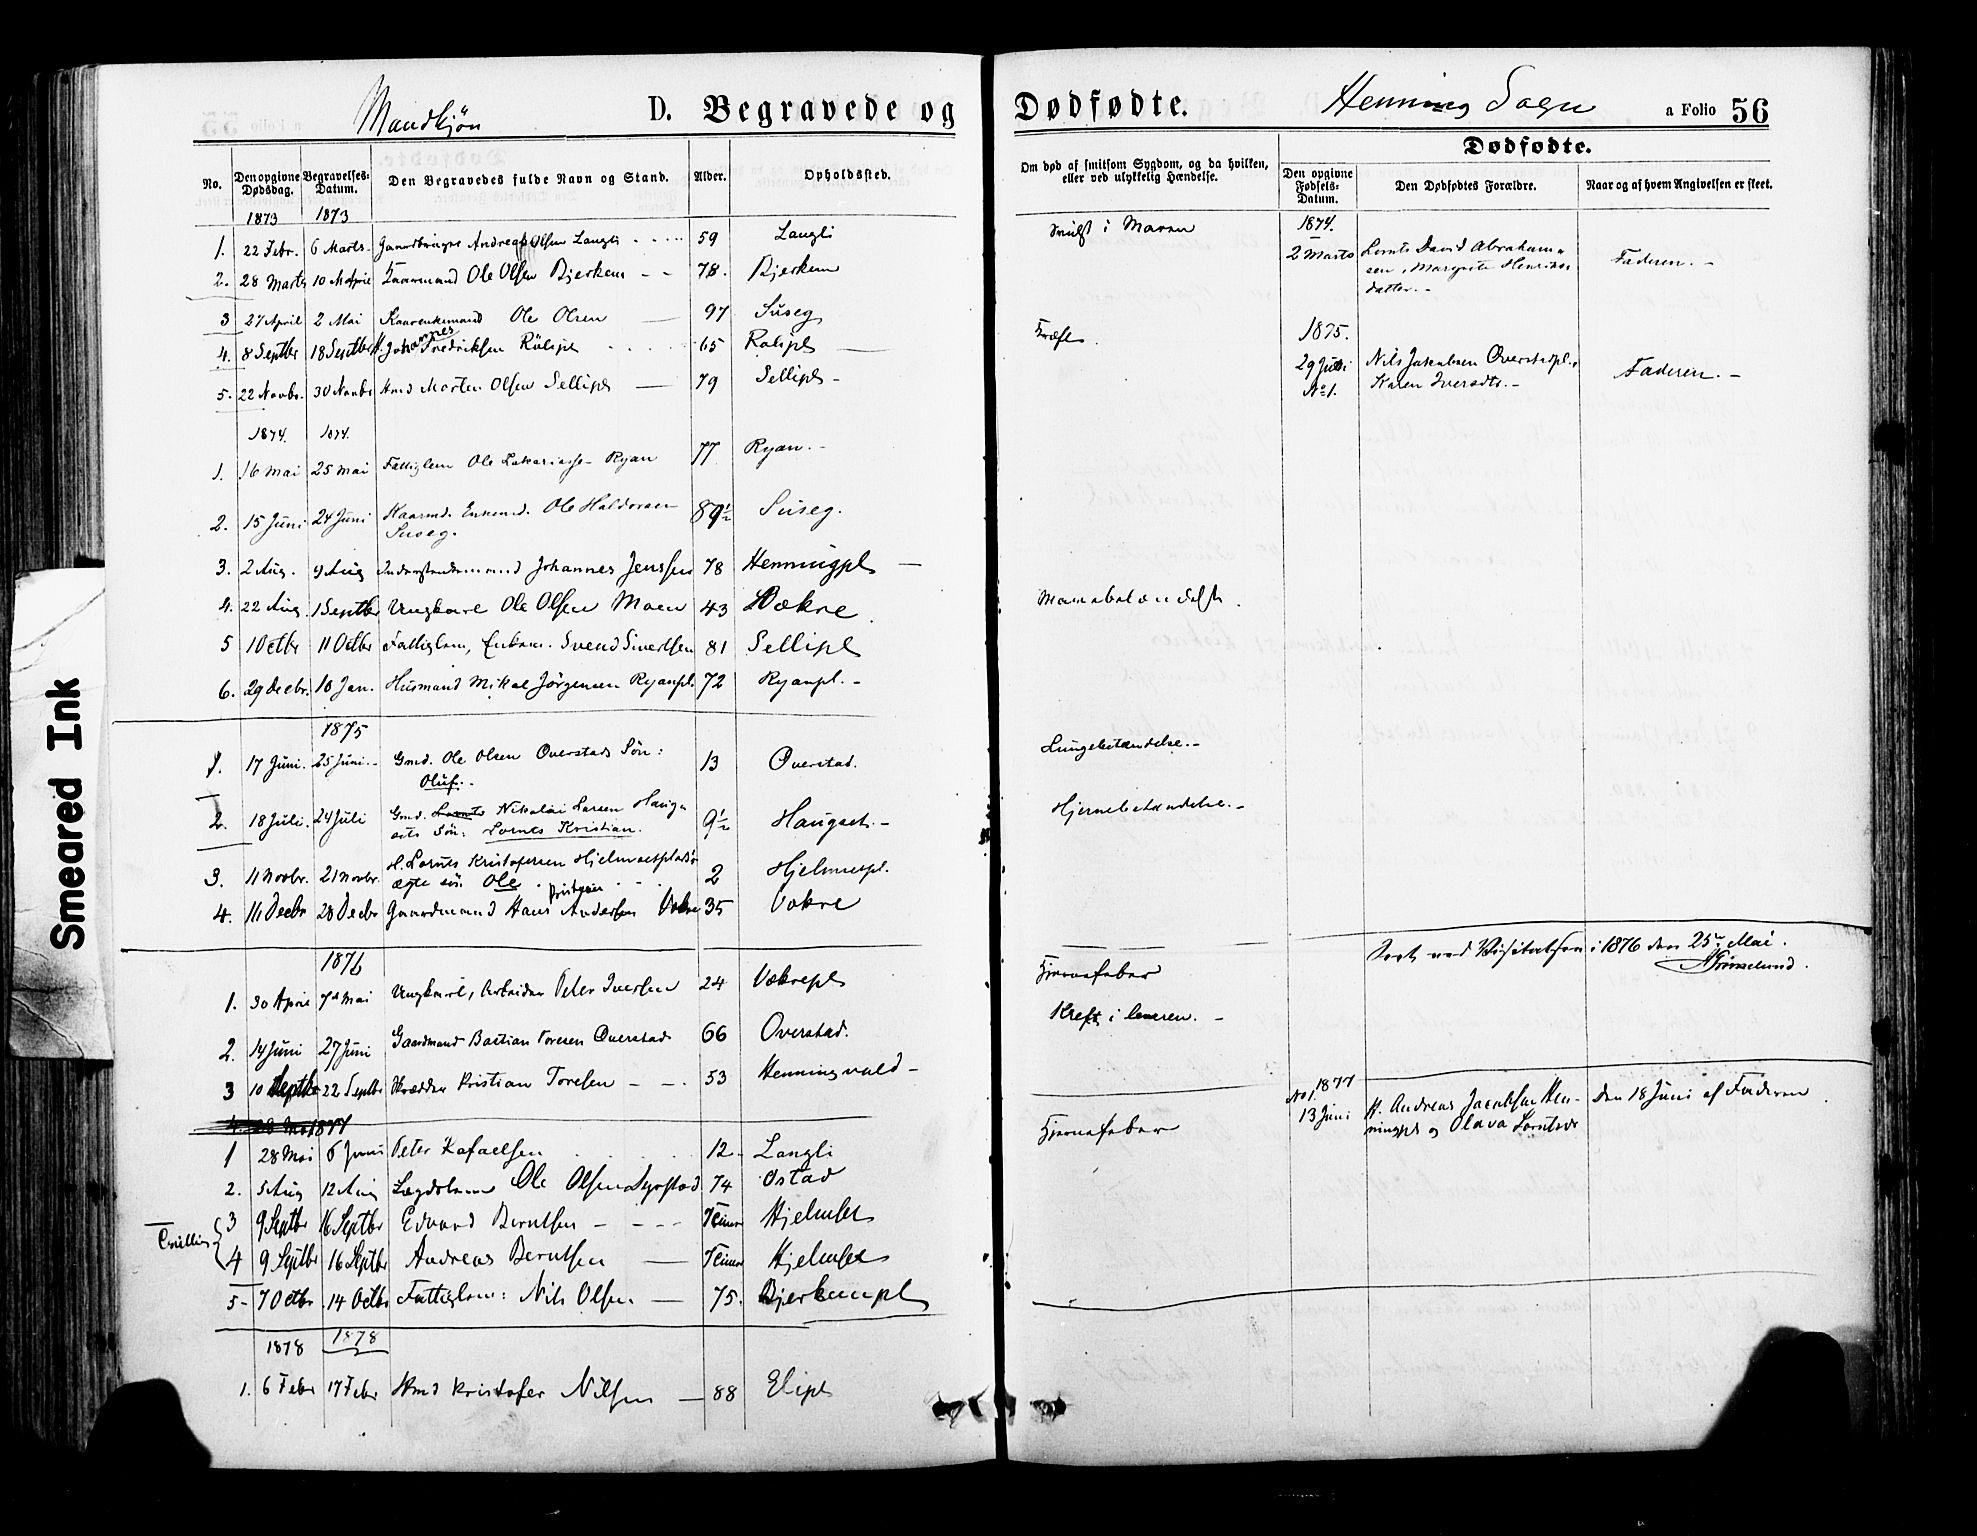 SAT, Ministerialprotokoller, klokkerbøker og fødselsregistre - Nord-Trøndelag, 735/L0348: Ministerialbok nr. 735A09 /3, 1873-1883, s. 56